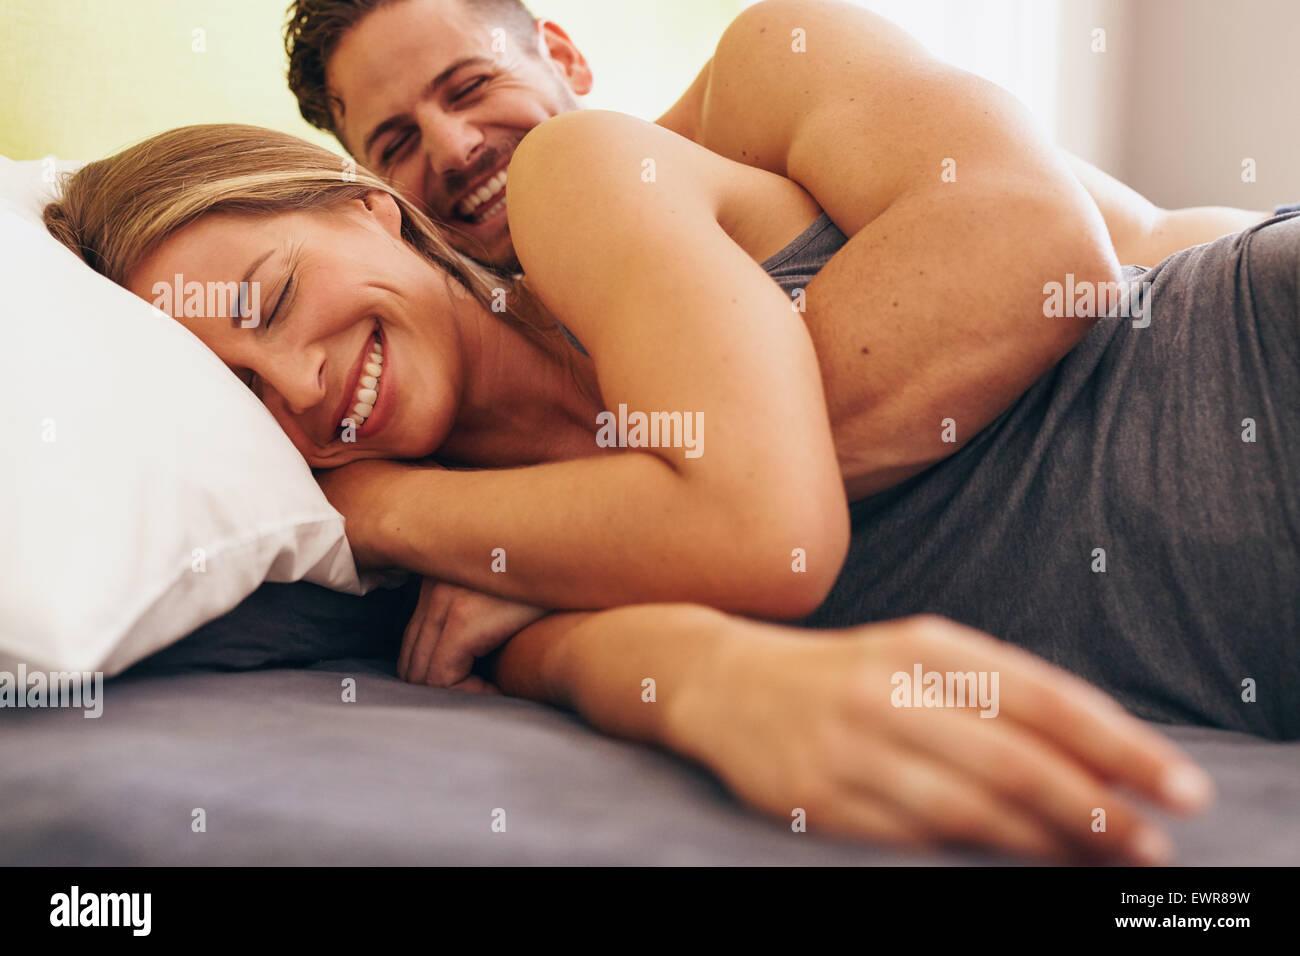 Immagine di carino coppia giovane in amore sdraiato sul letto. L'uomo svegliarsi con sua moglie in mattina. Immagini Stock